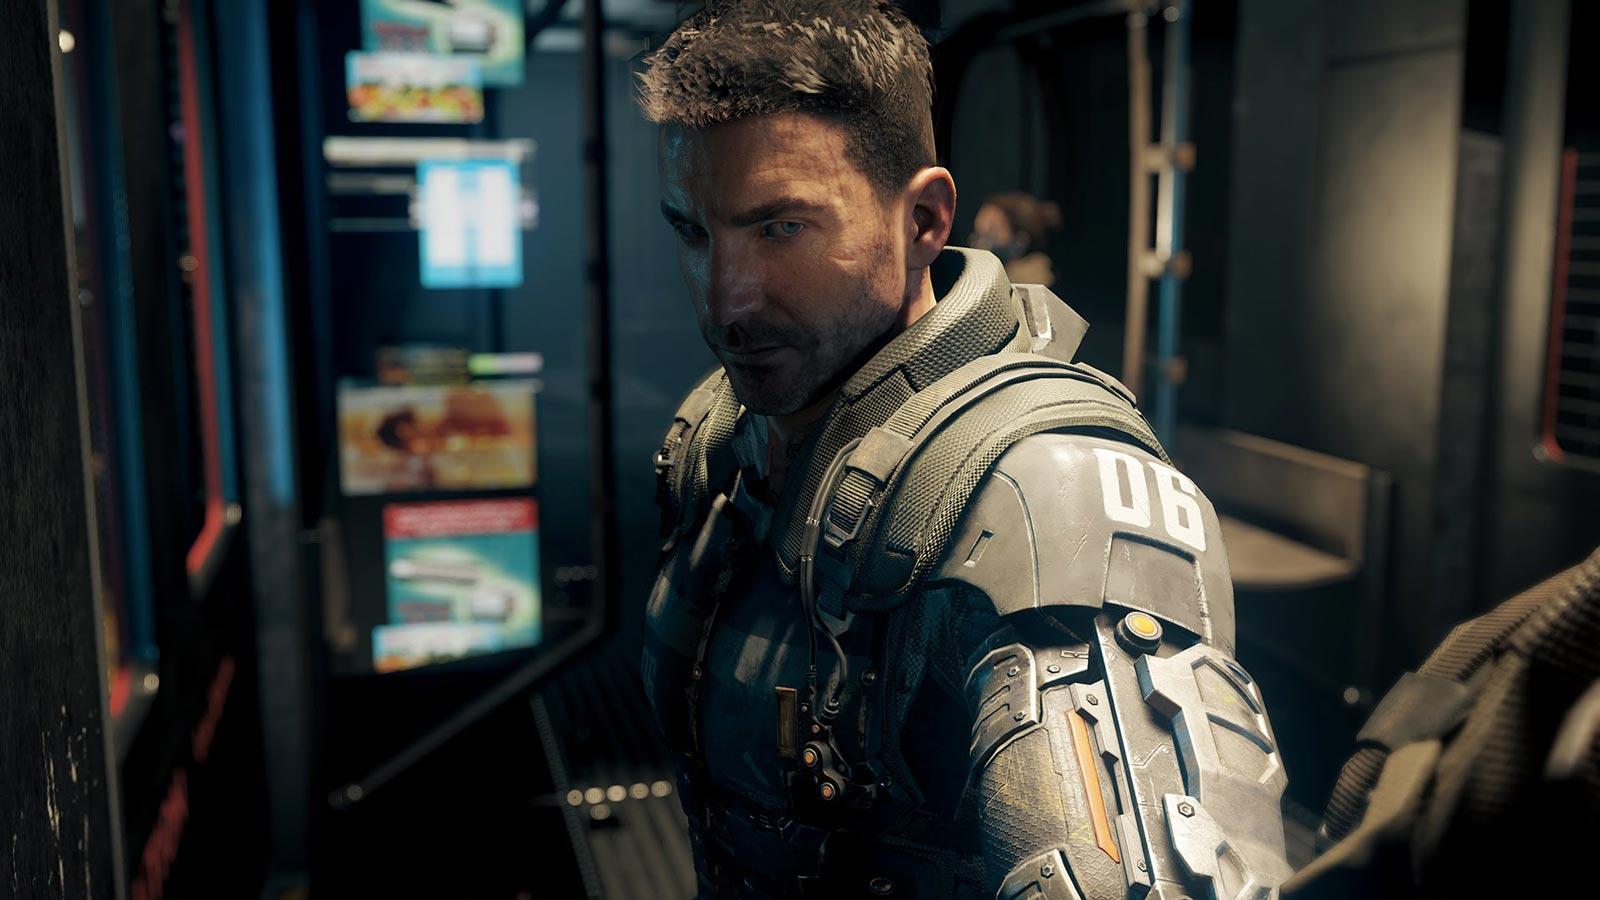 L'image, fournie par Activision, présente Black Ops3 au sommet de sa forme.